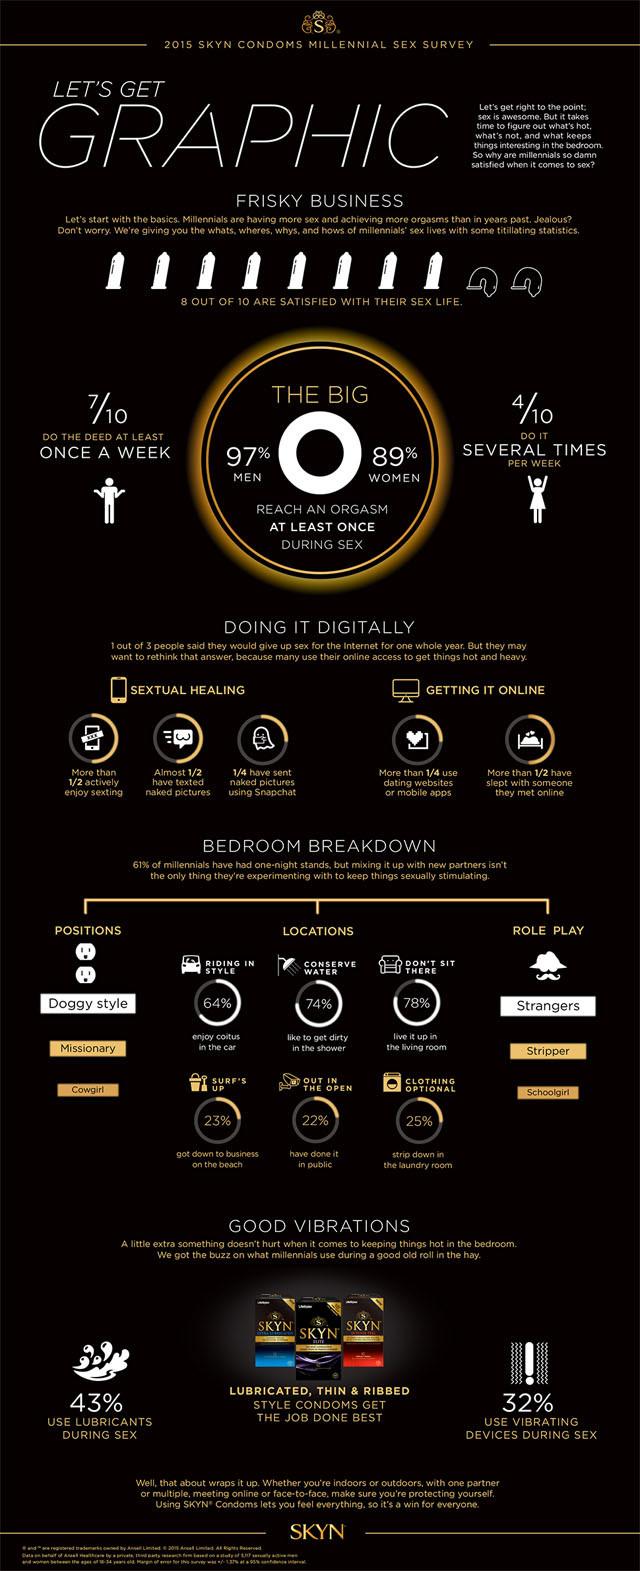 skyn-condoms-millennial-sex-survey